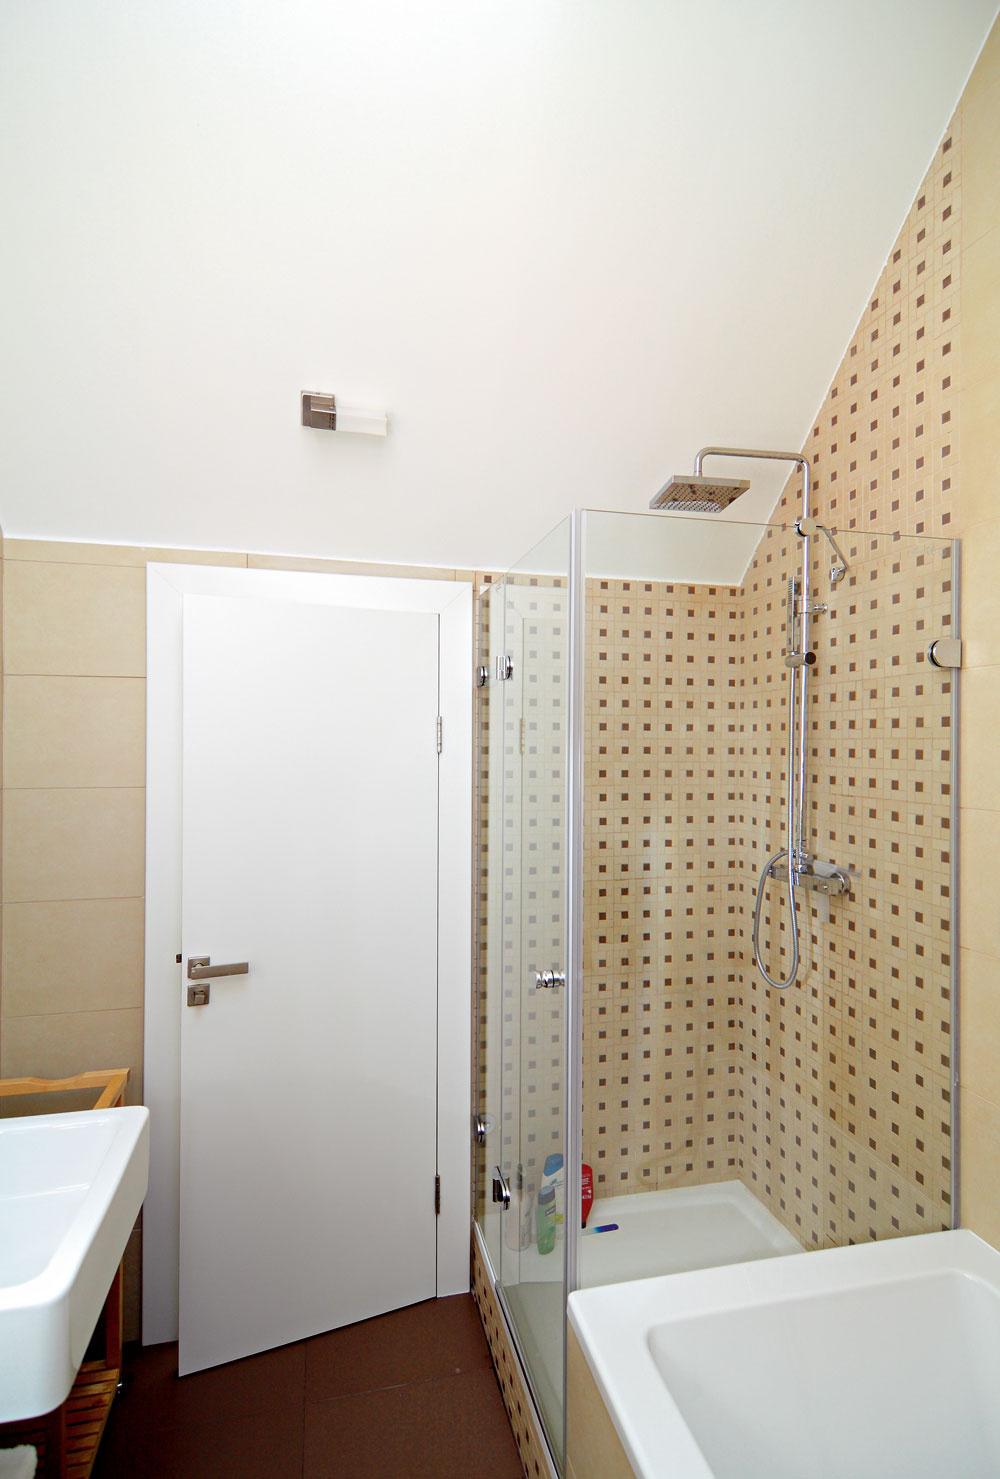 Vkúpeľni si na svoje prídu milovníci pohodovej vane, ale aj rýchlej sprchy. Zaujal nás detail napojenia štvorčekovaného obkladu na šikminu podstrešia: dali si tu záležať.